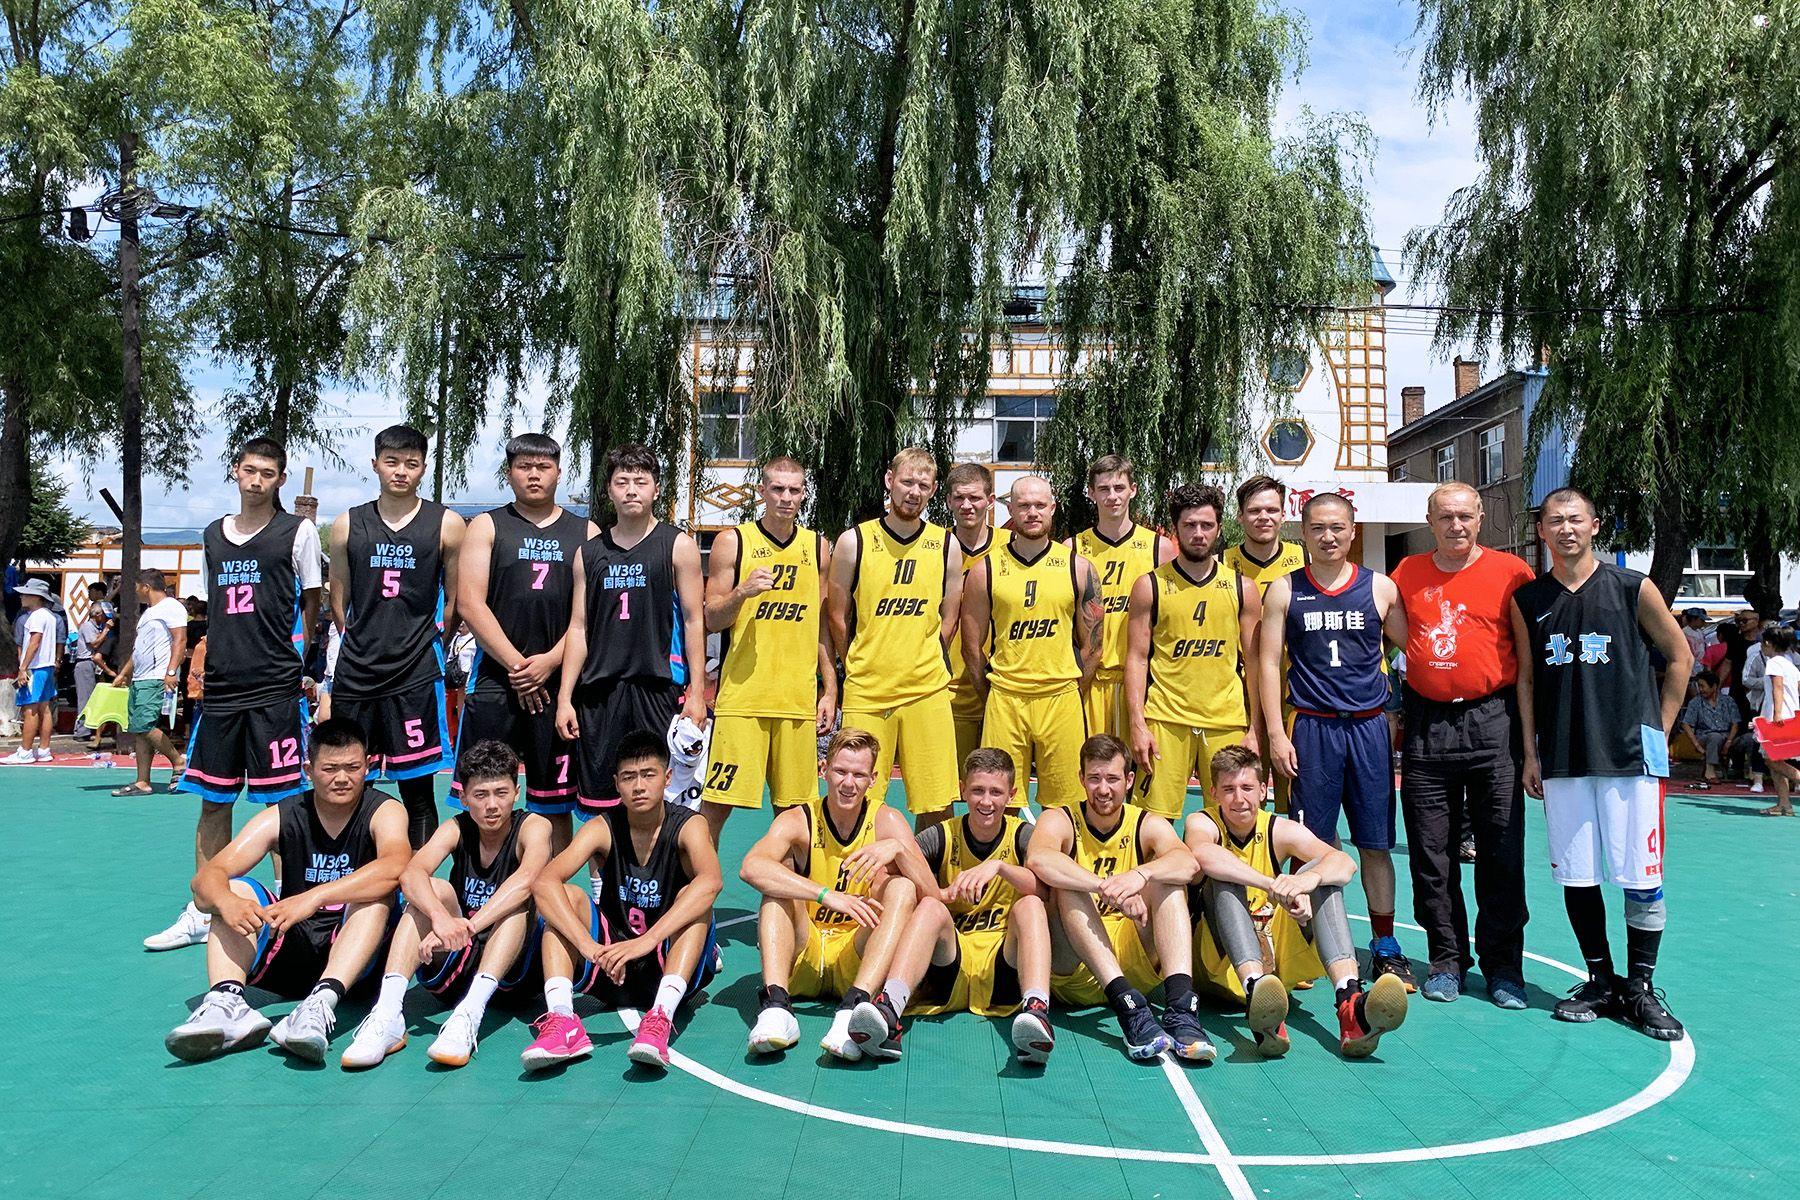 Баскетболисты ВГУЭС открыли новый сезон на Фестивале спорта в Дунине